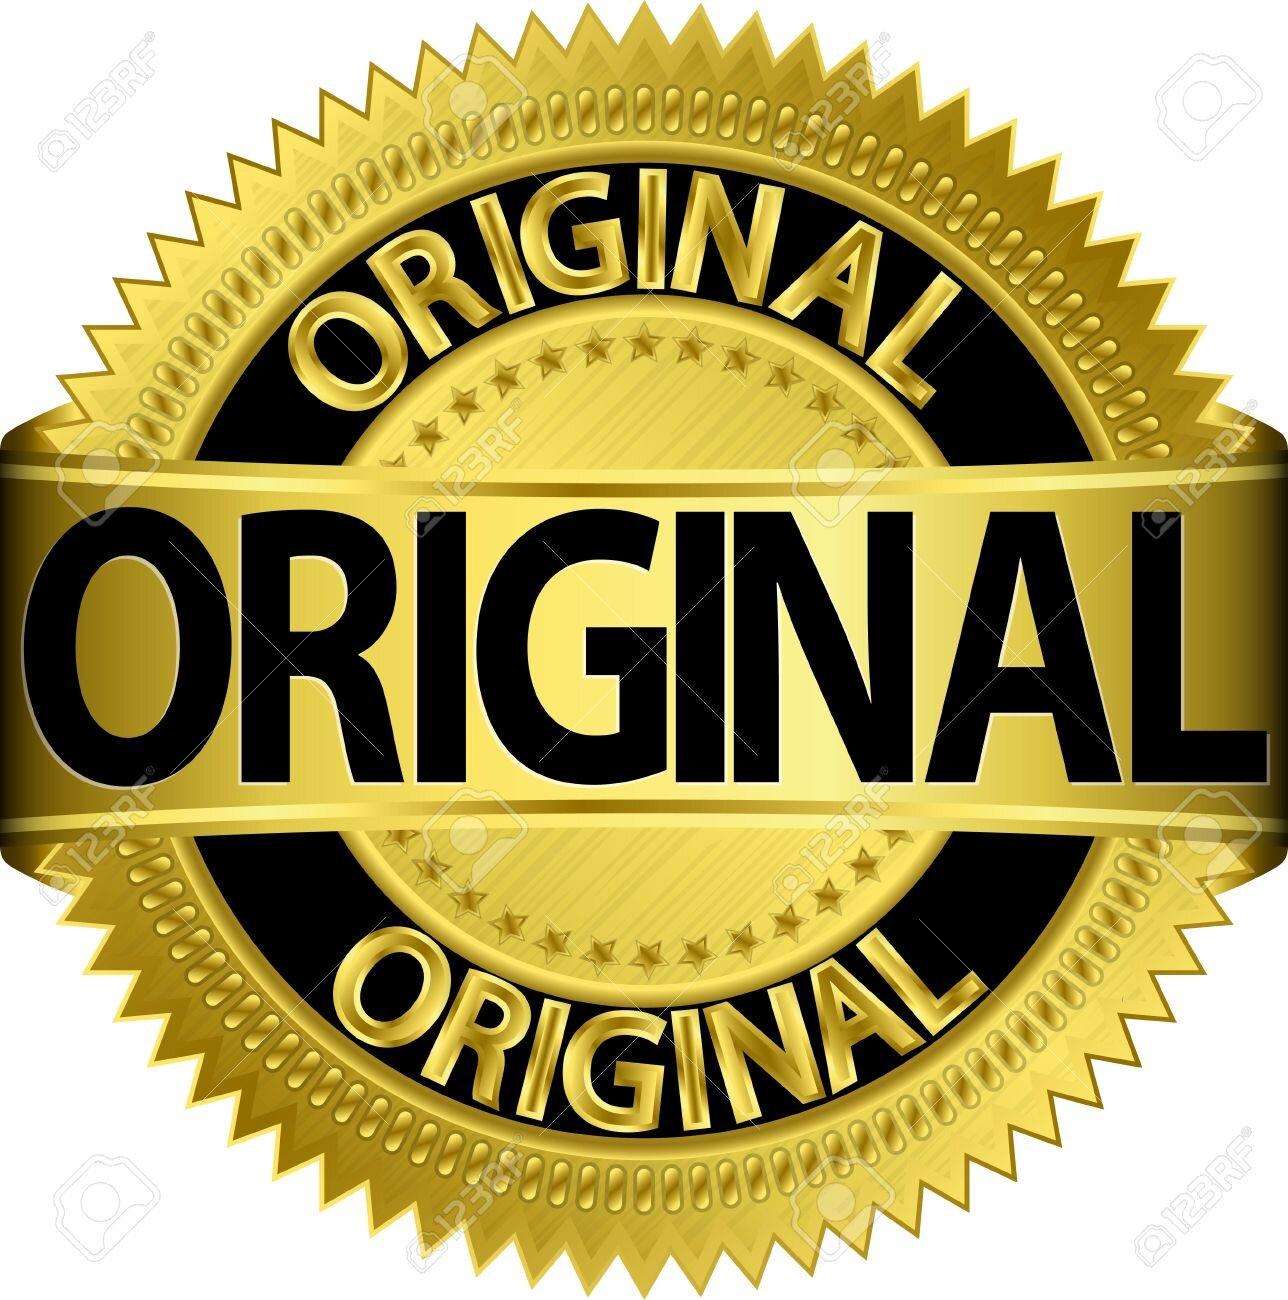 tianli original